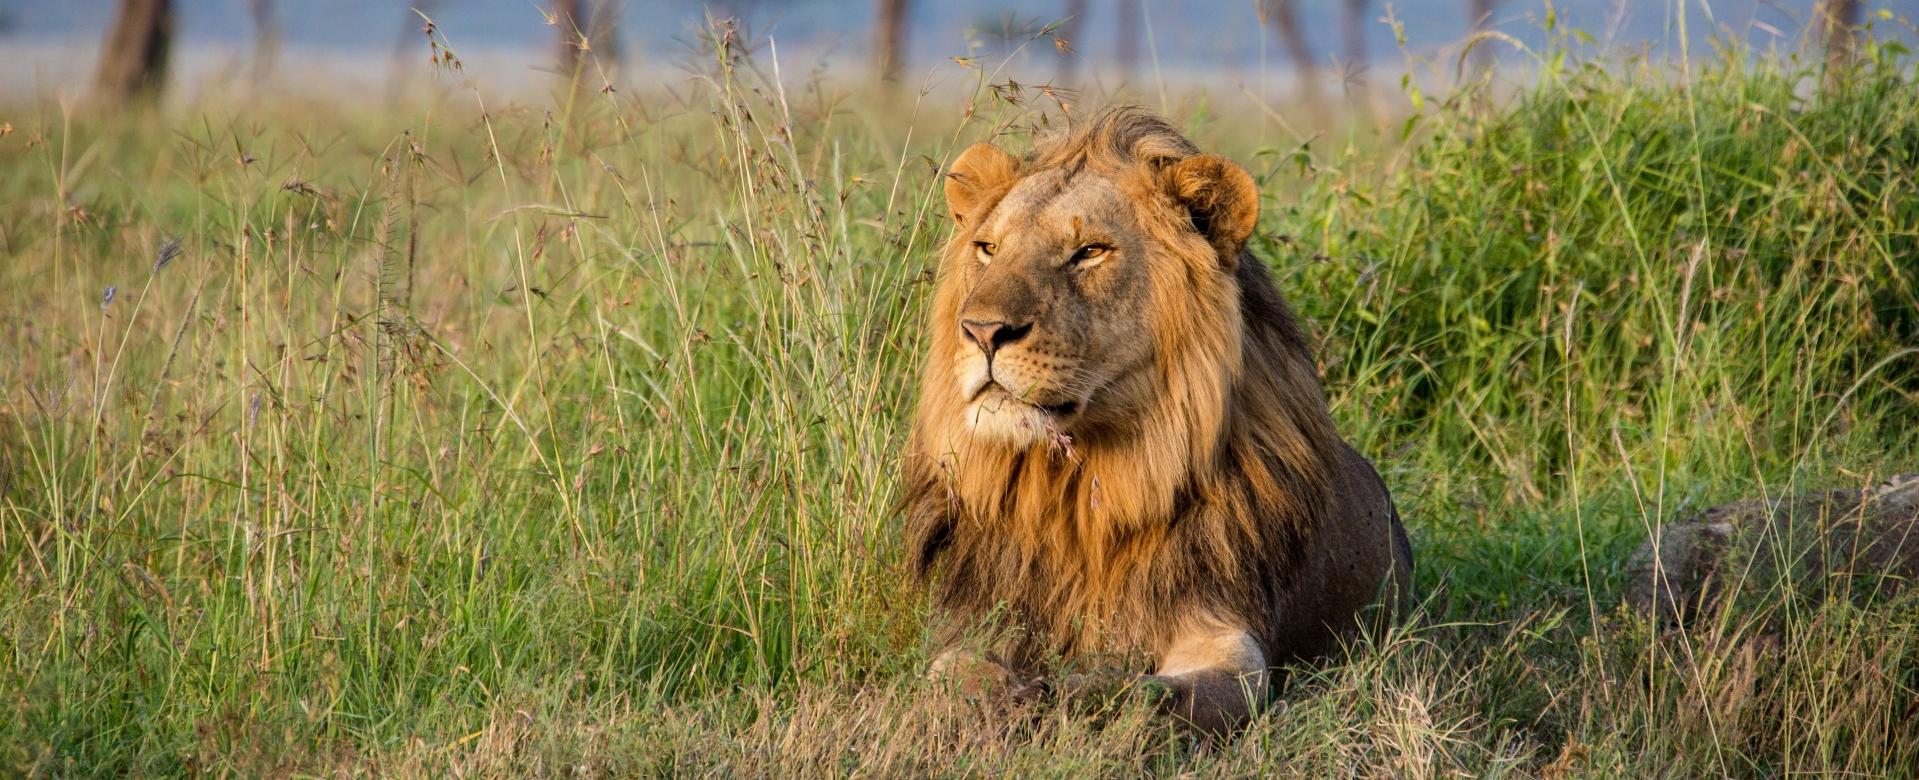 Voyage avec des animaux : Safaris en tanzanie, parcs du nord et lac natron